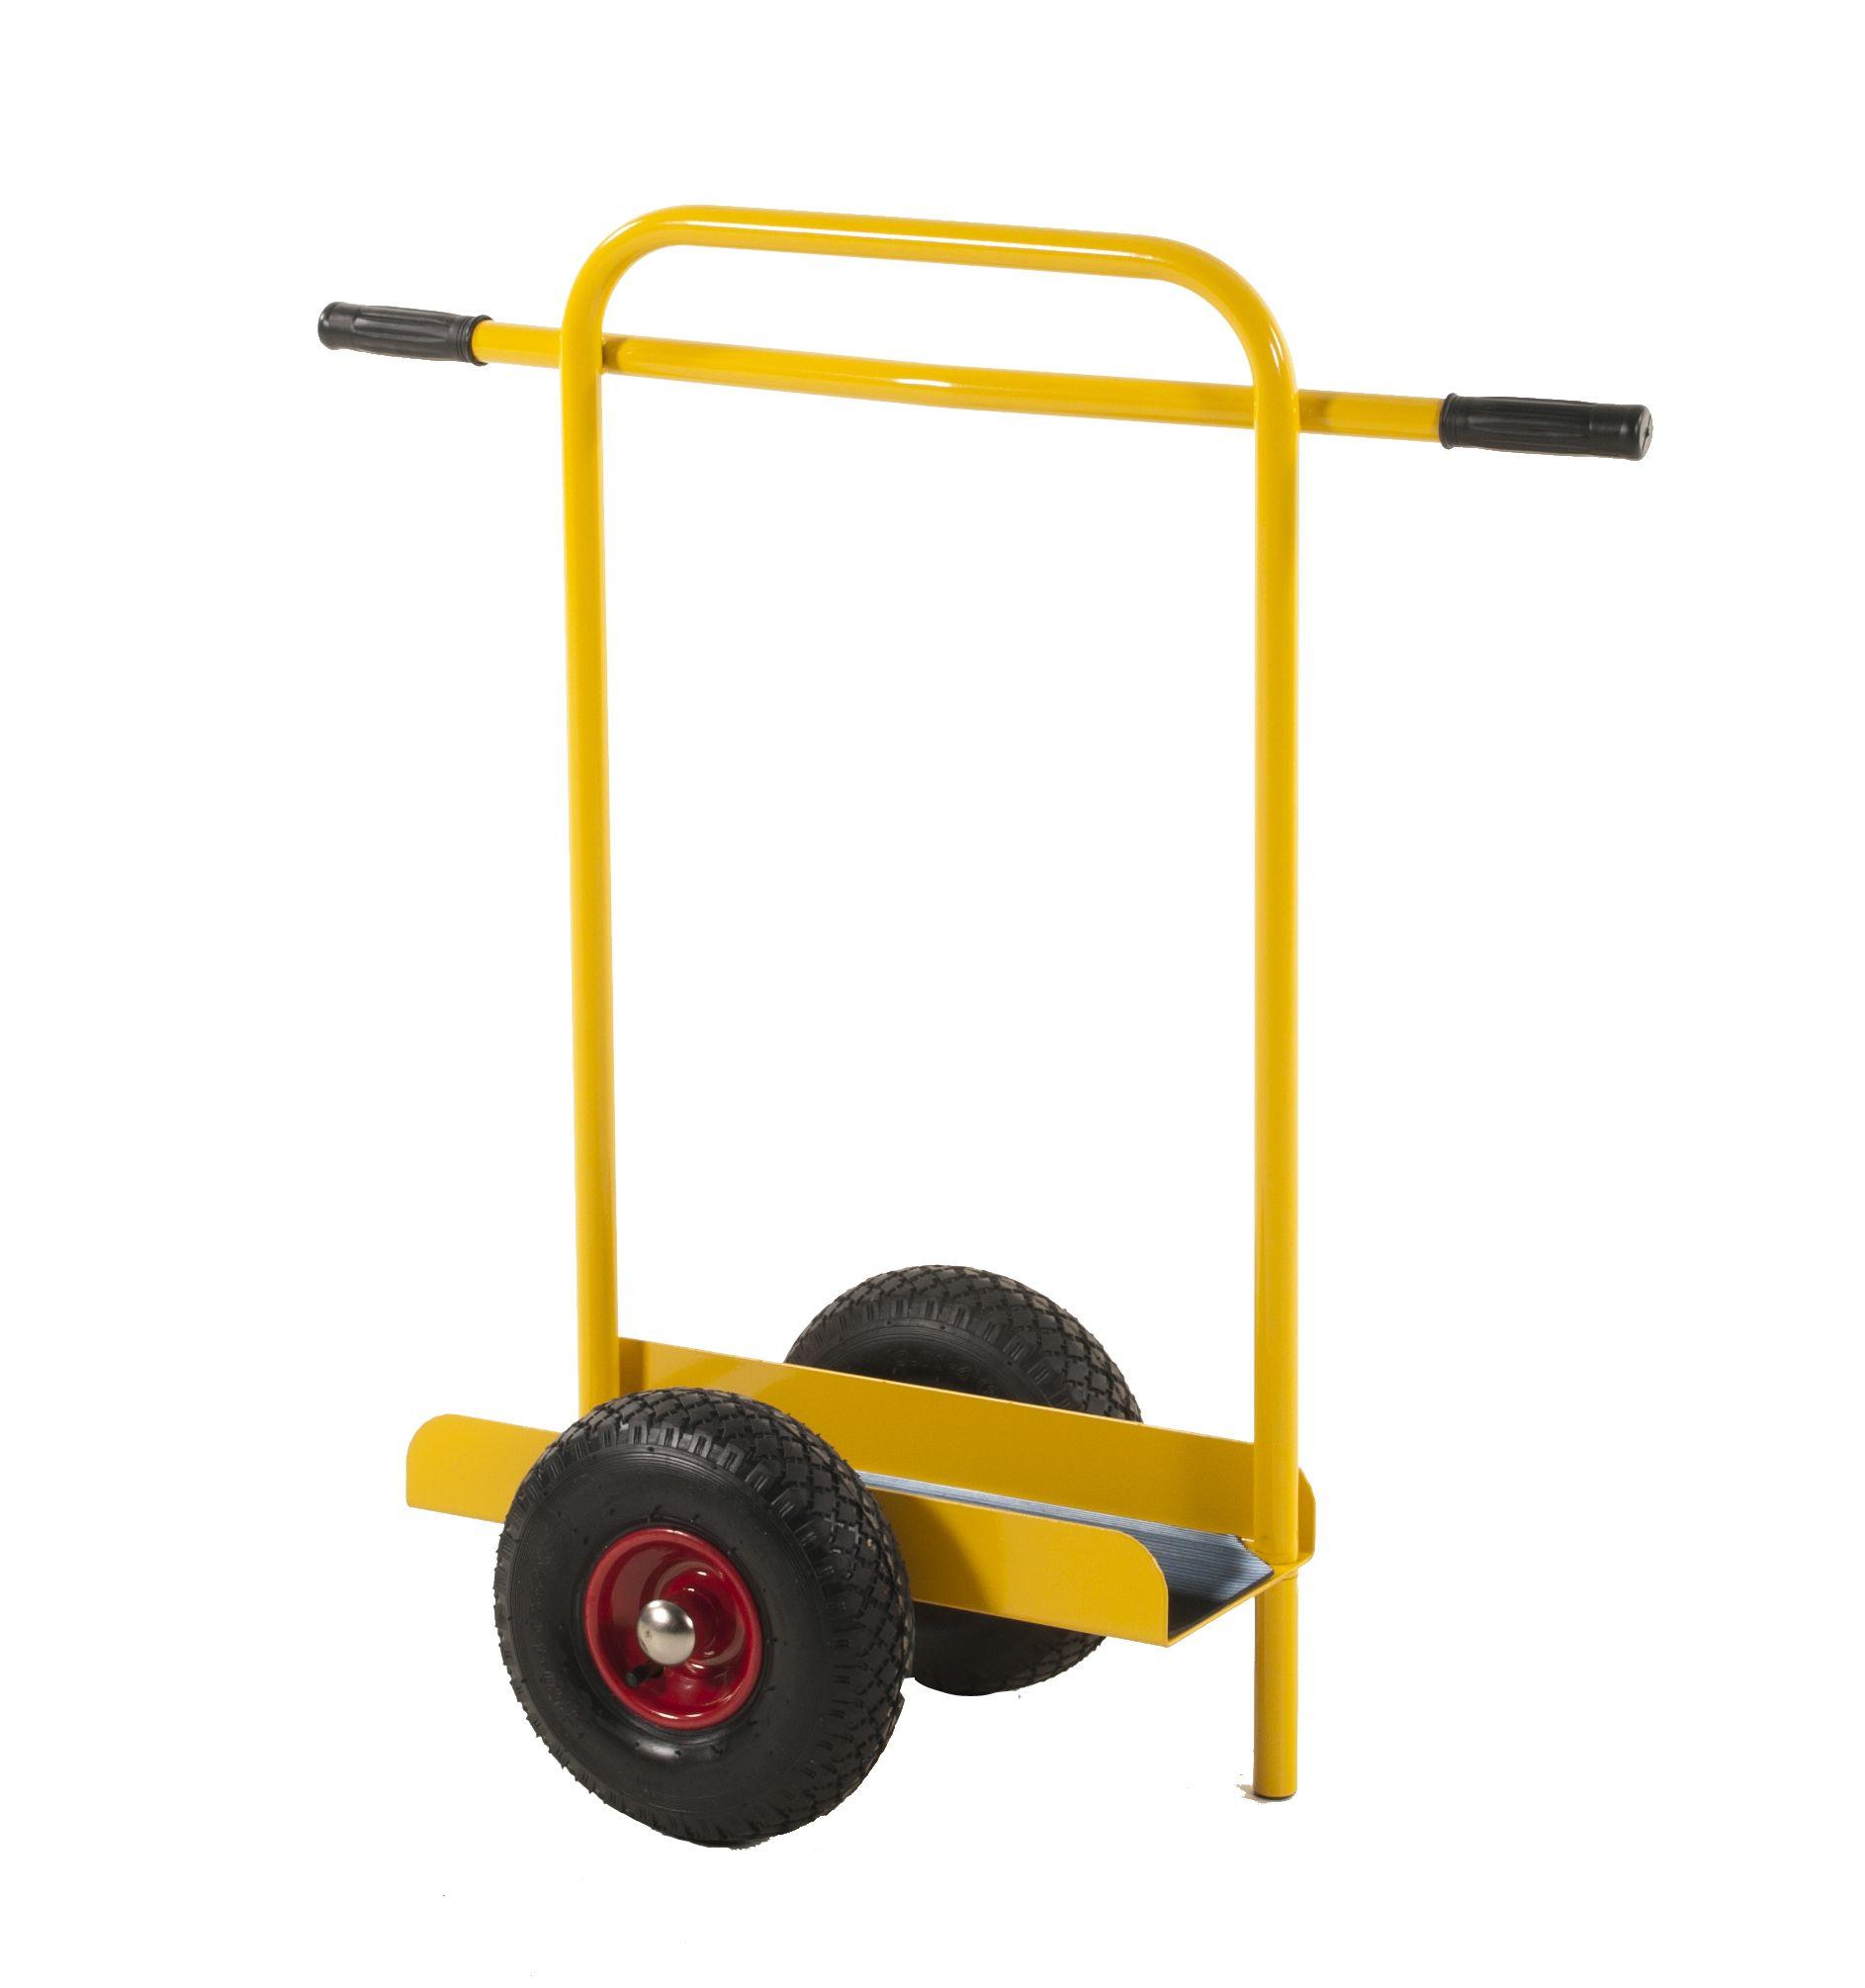 plattenroller plattenwagen plattentransport roller tragkraft 200kg luftbereifung ebay. Black Bedroom Furniture Sets. Home Design Ideas